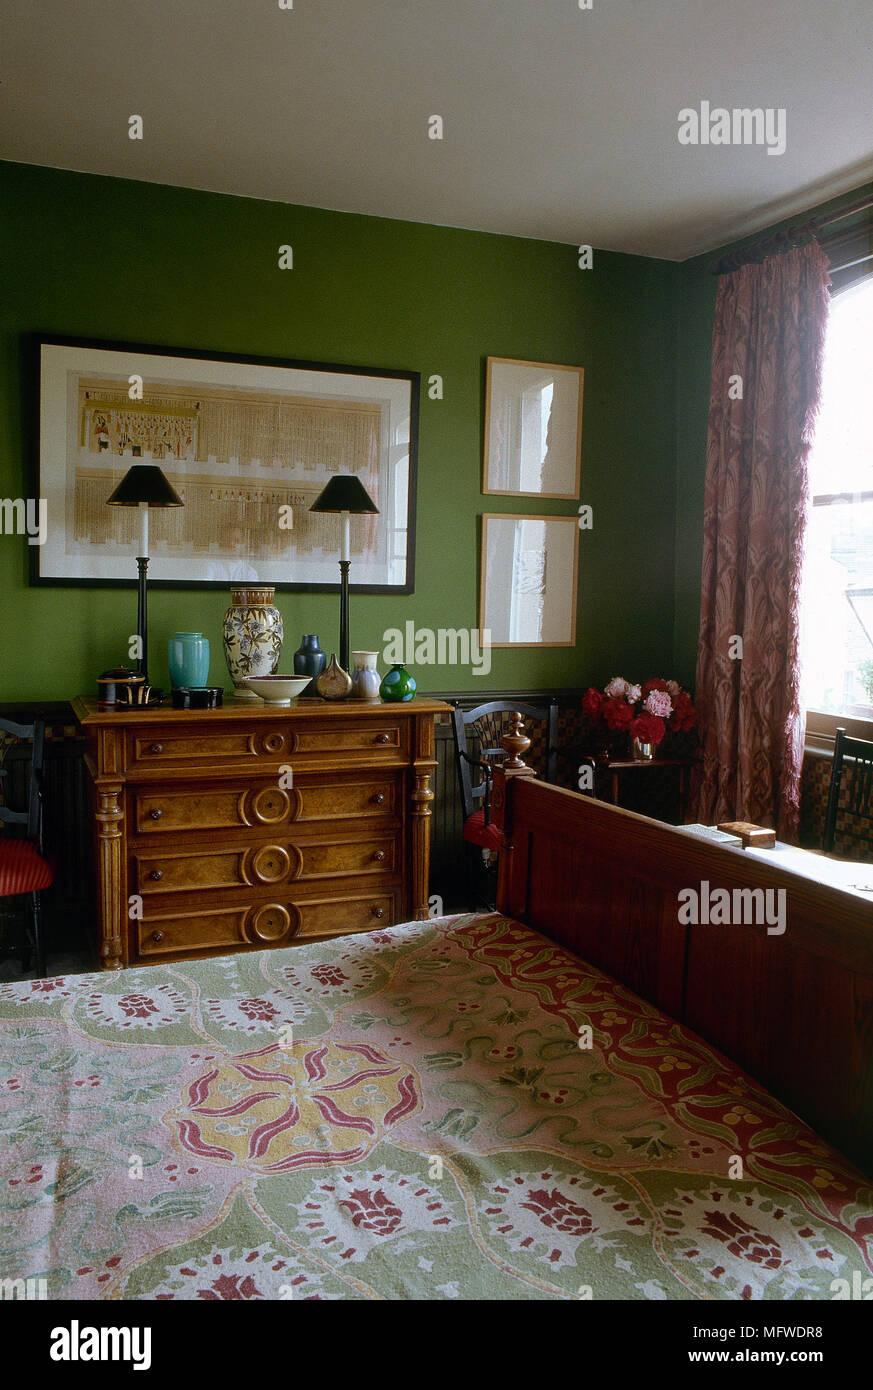 Doppelbett Und Holzerne Kommode In Grun Schlafzimmer Stockfotografie Alamy